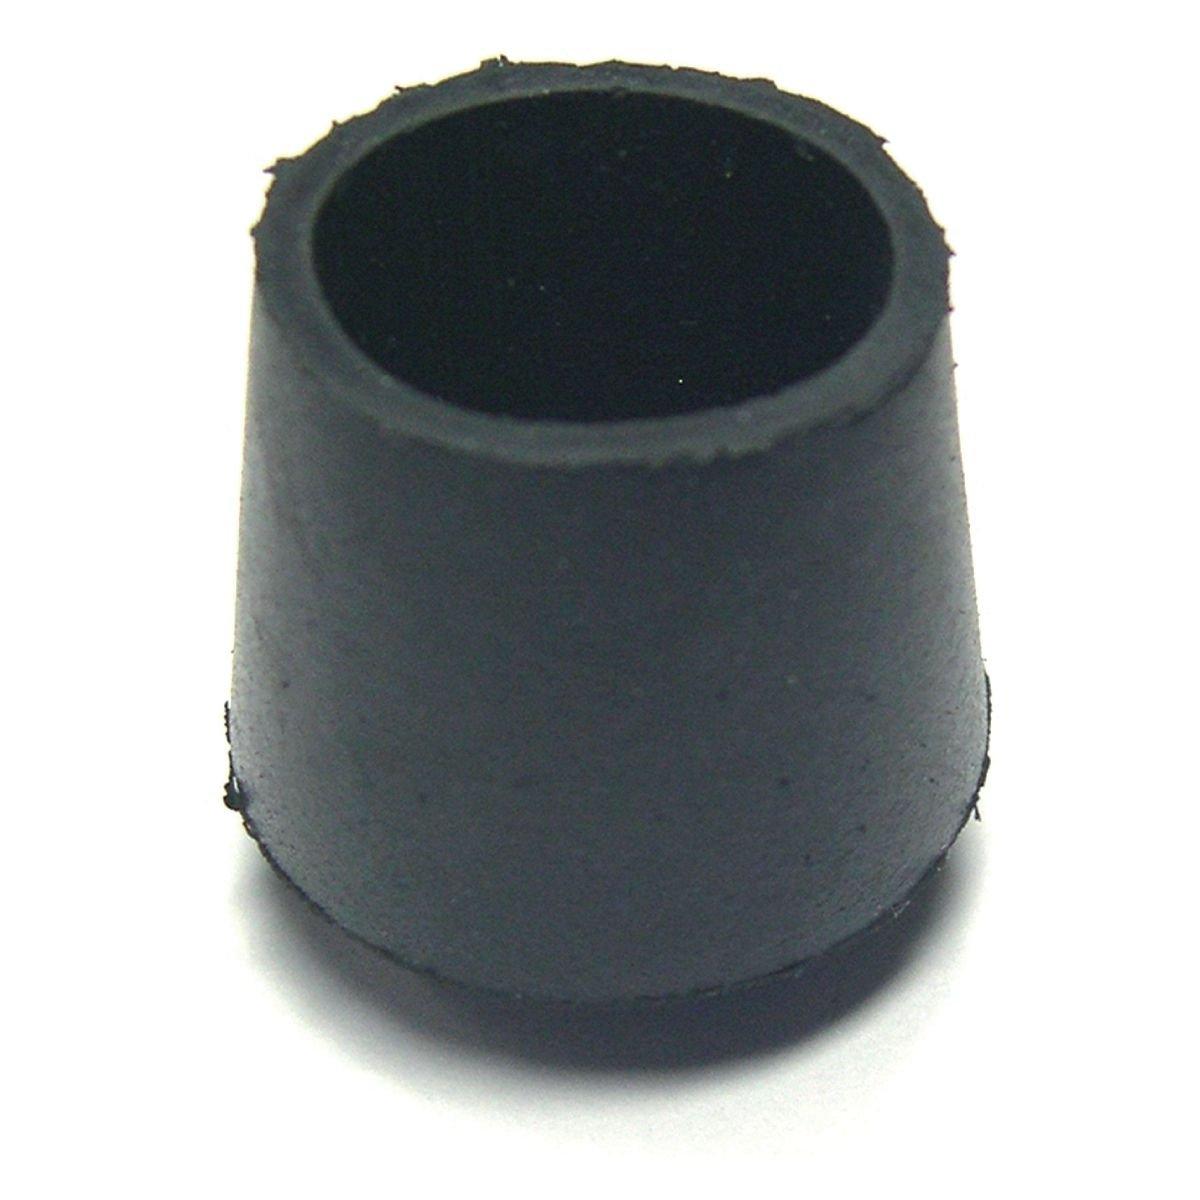 Embout enveloppant caoutchouc noir 27 ø mm Bricodeal